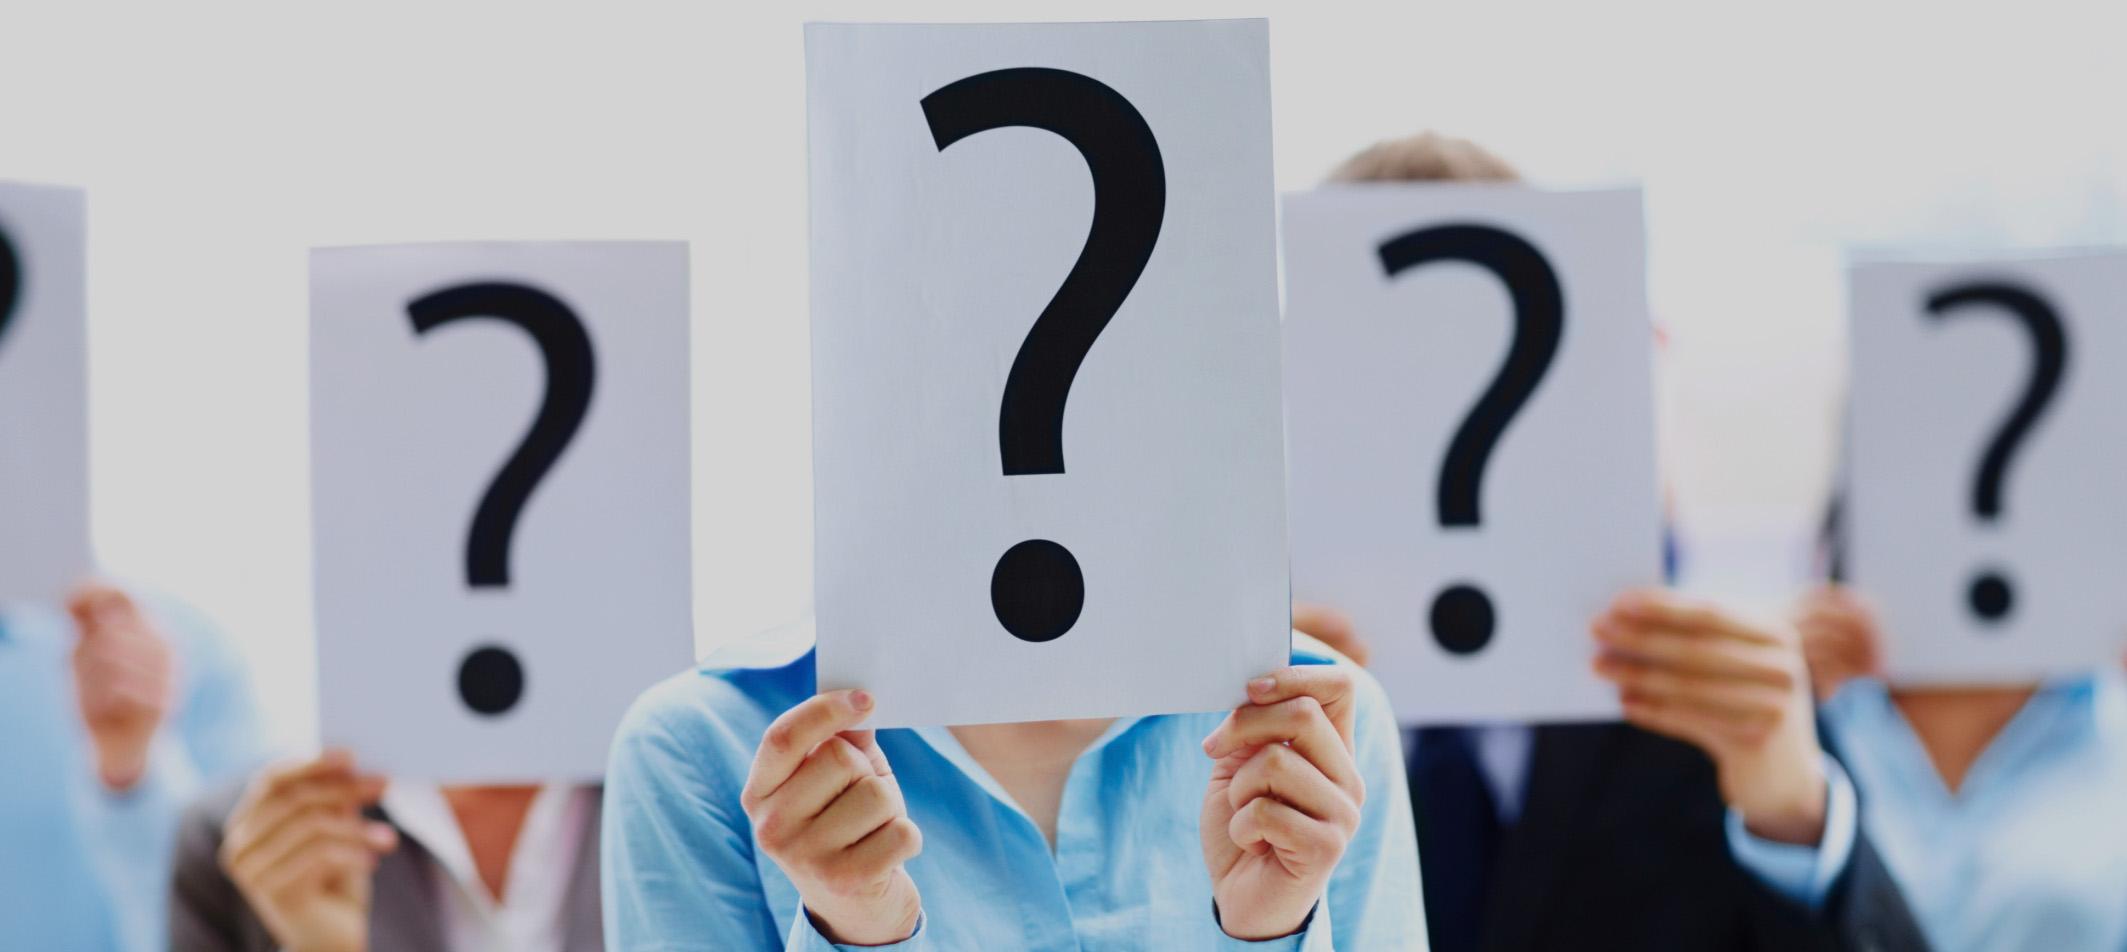 الأسئلة الشائعة اليوم العالمي للأمراض النادرة